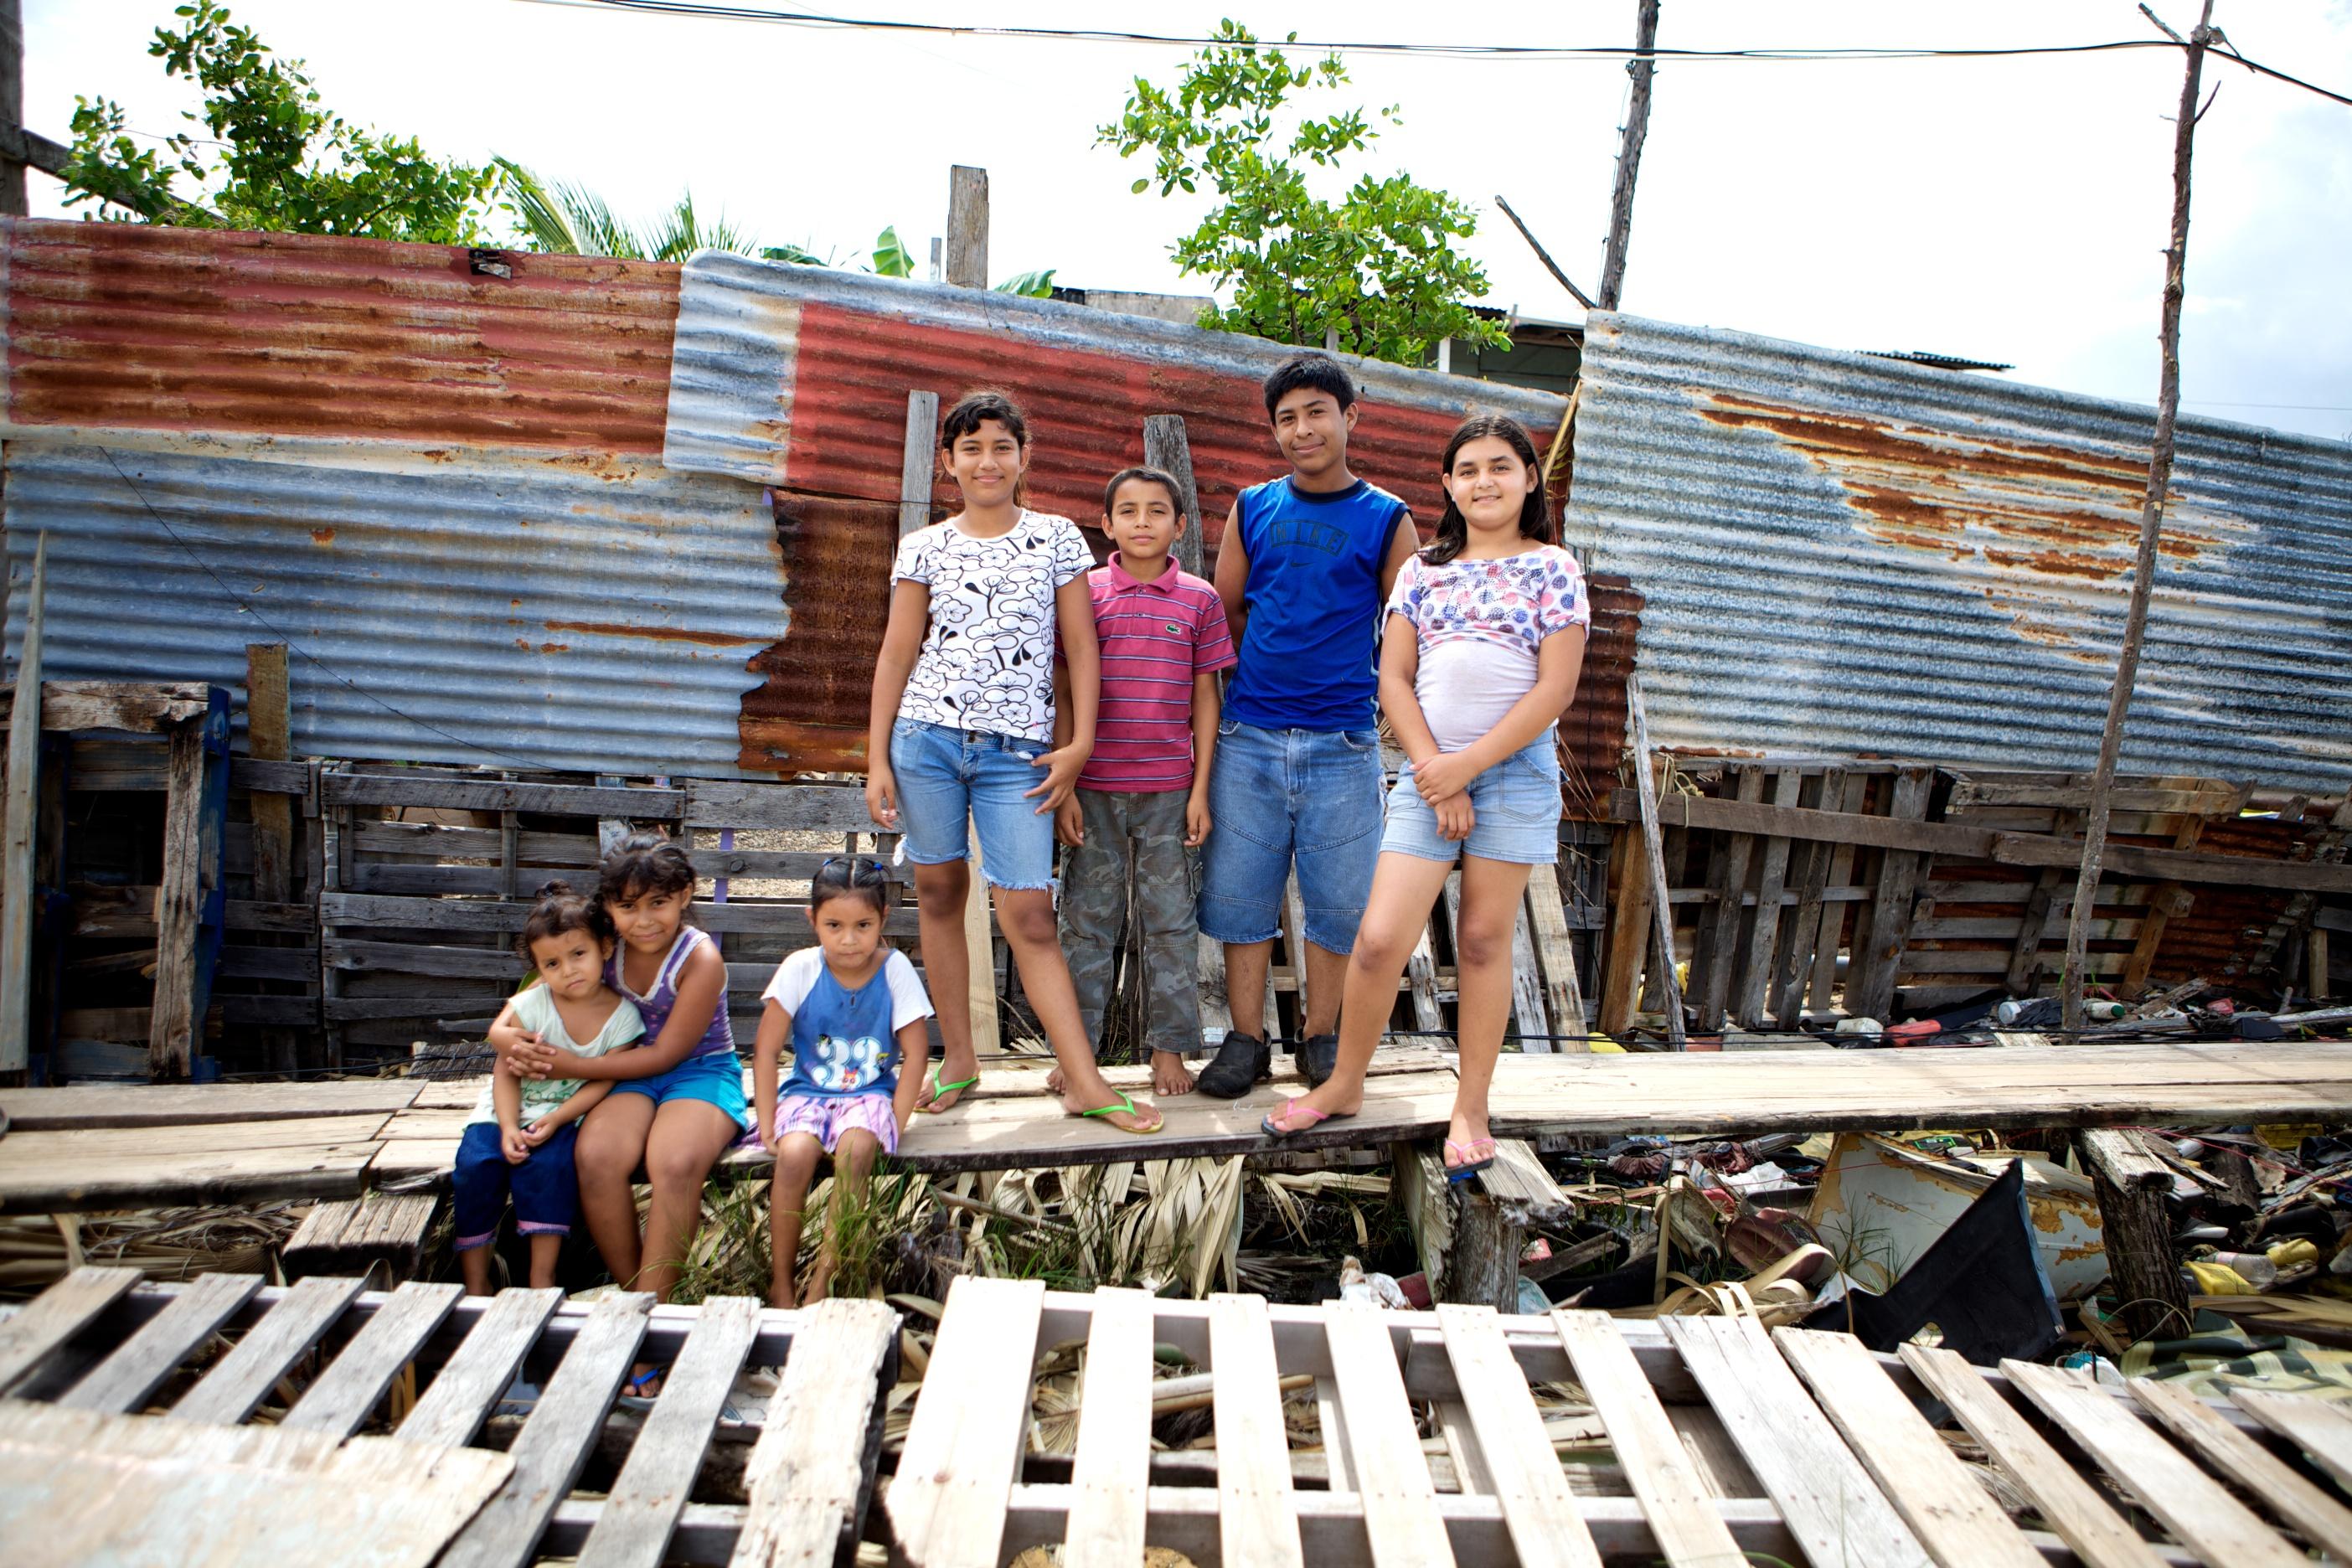 BZE_Kids of Rootsville_RD credit